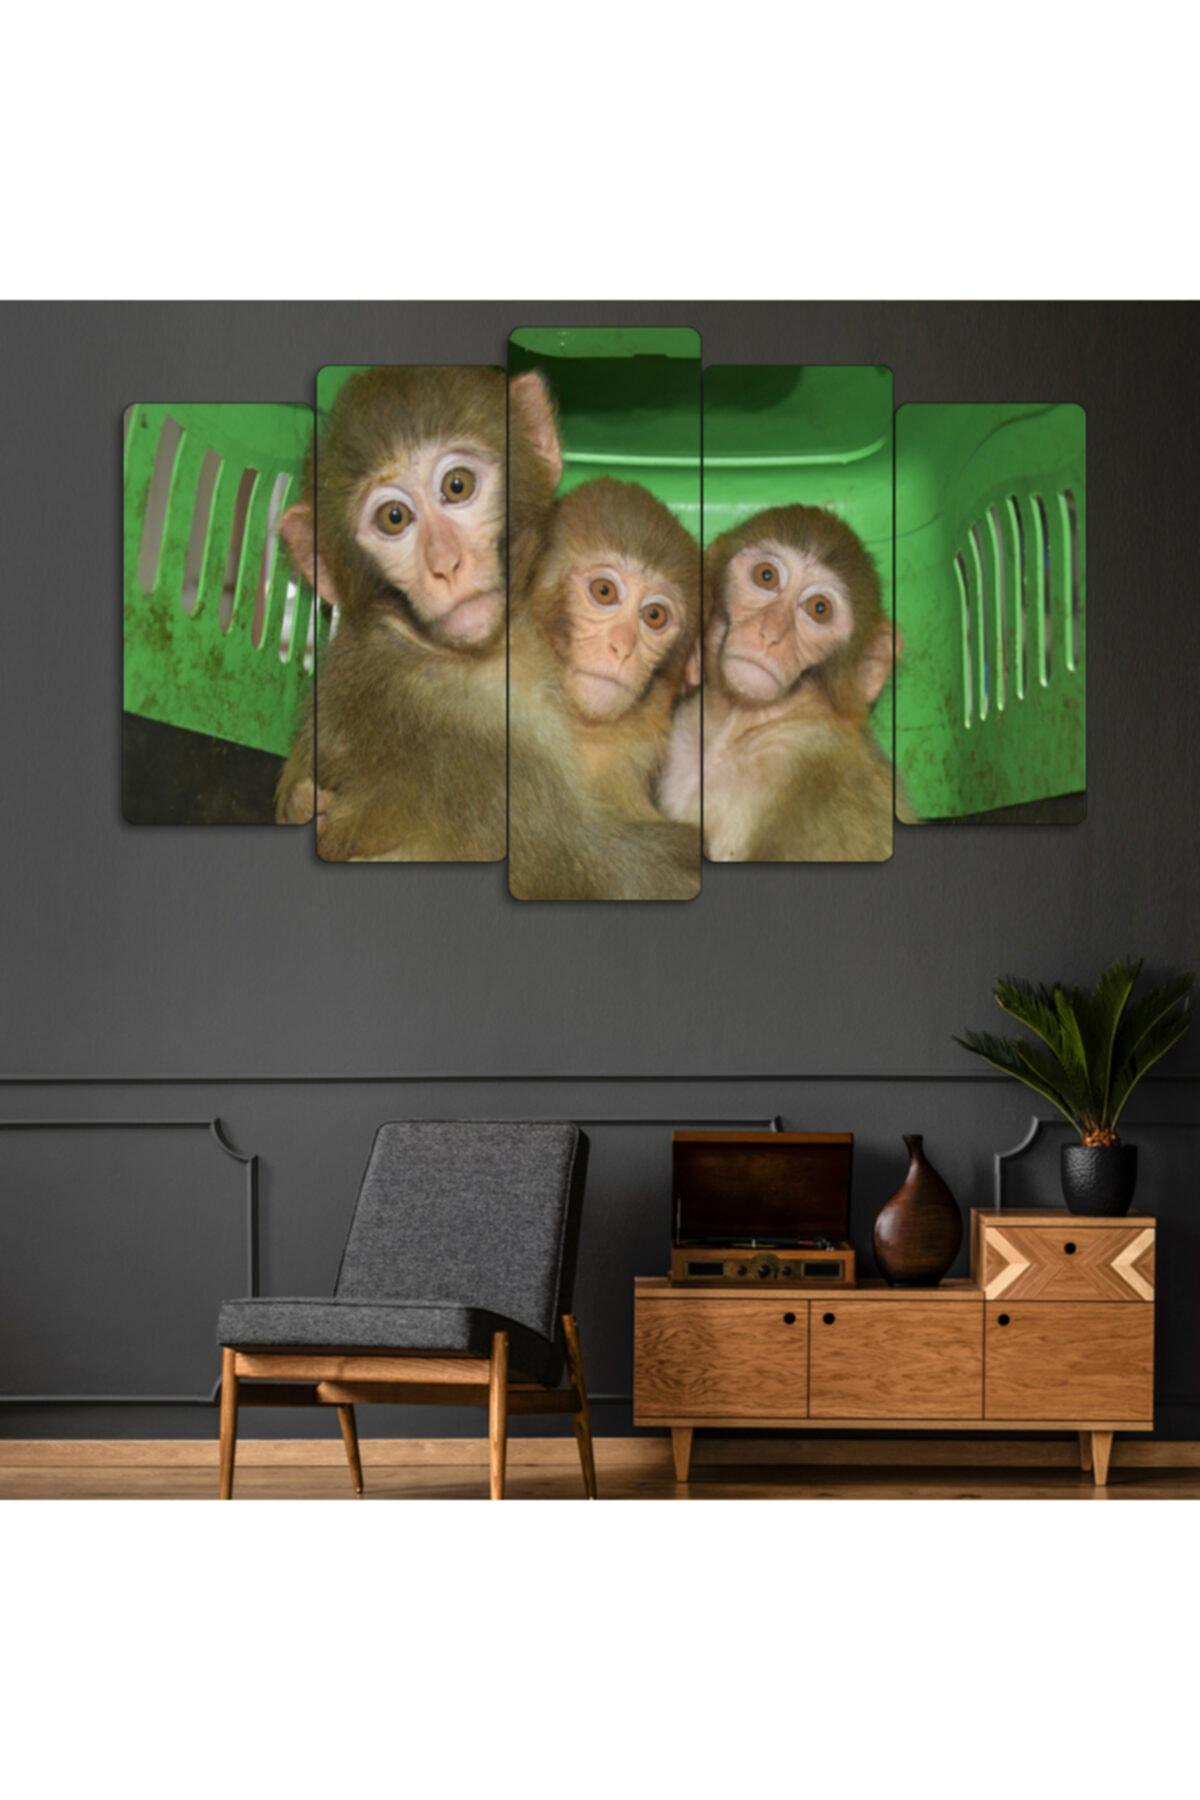 Evonya Yeşil 3 Maymun Görmedim Duymadım Bilmiyorum 5 Parçalı Dekoratif Tablo 1